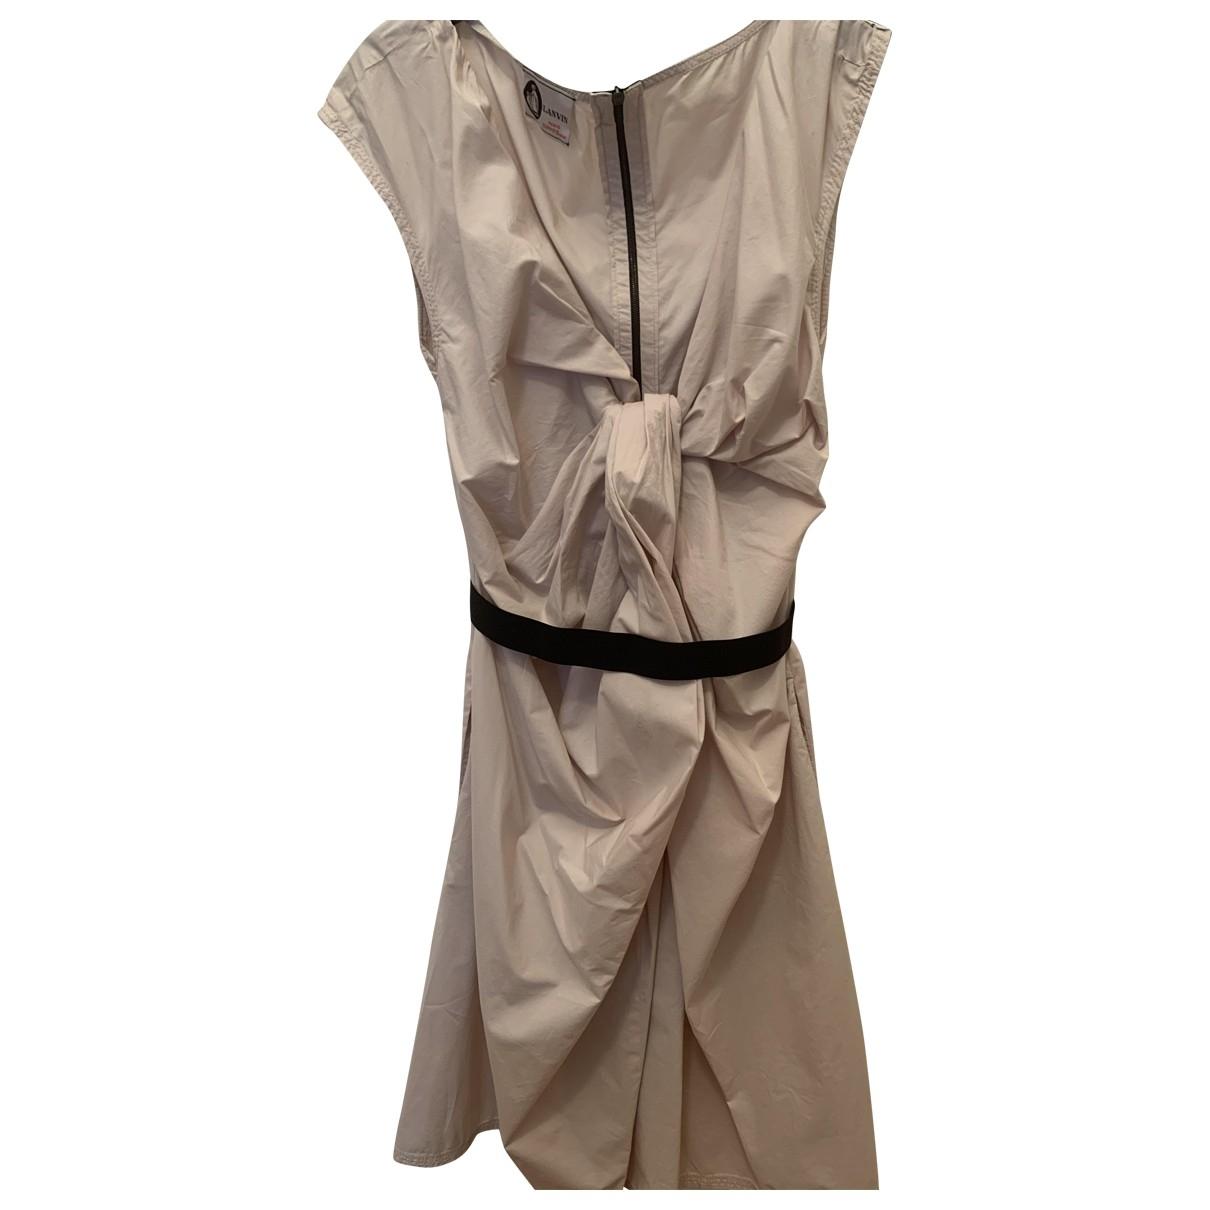 Lanvin \N Ecru Cotton dress for Women 38 FR